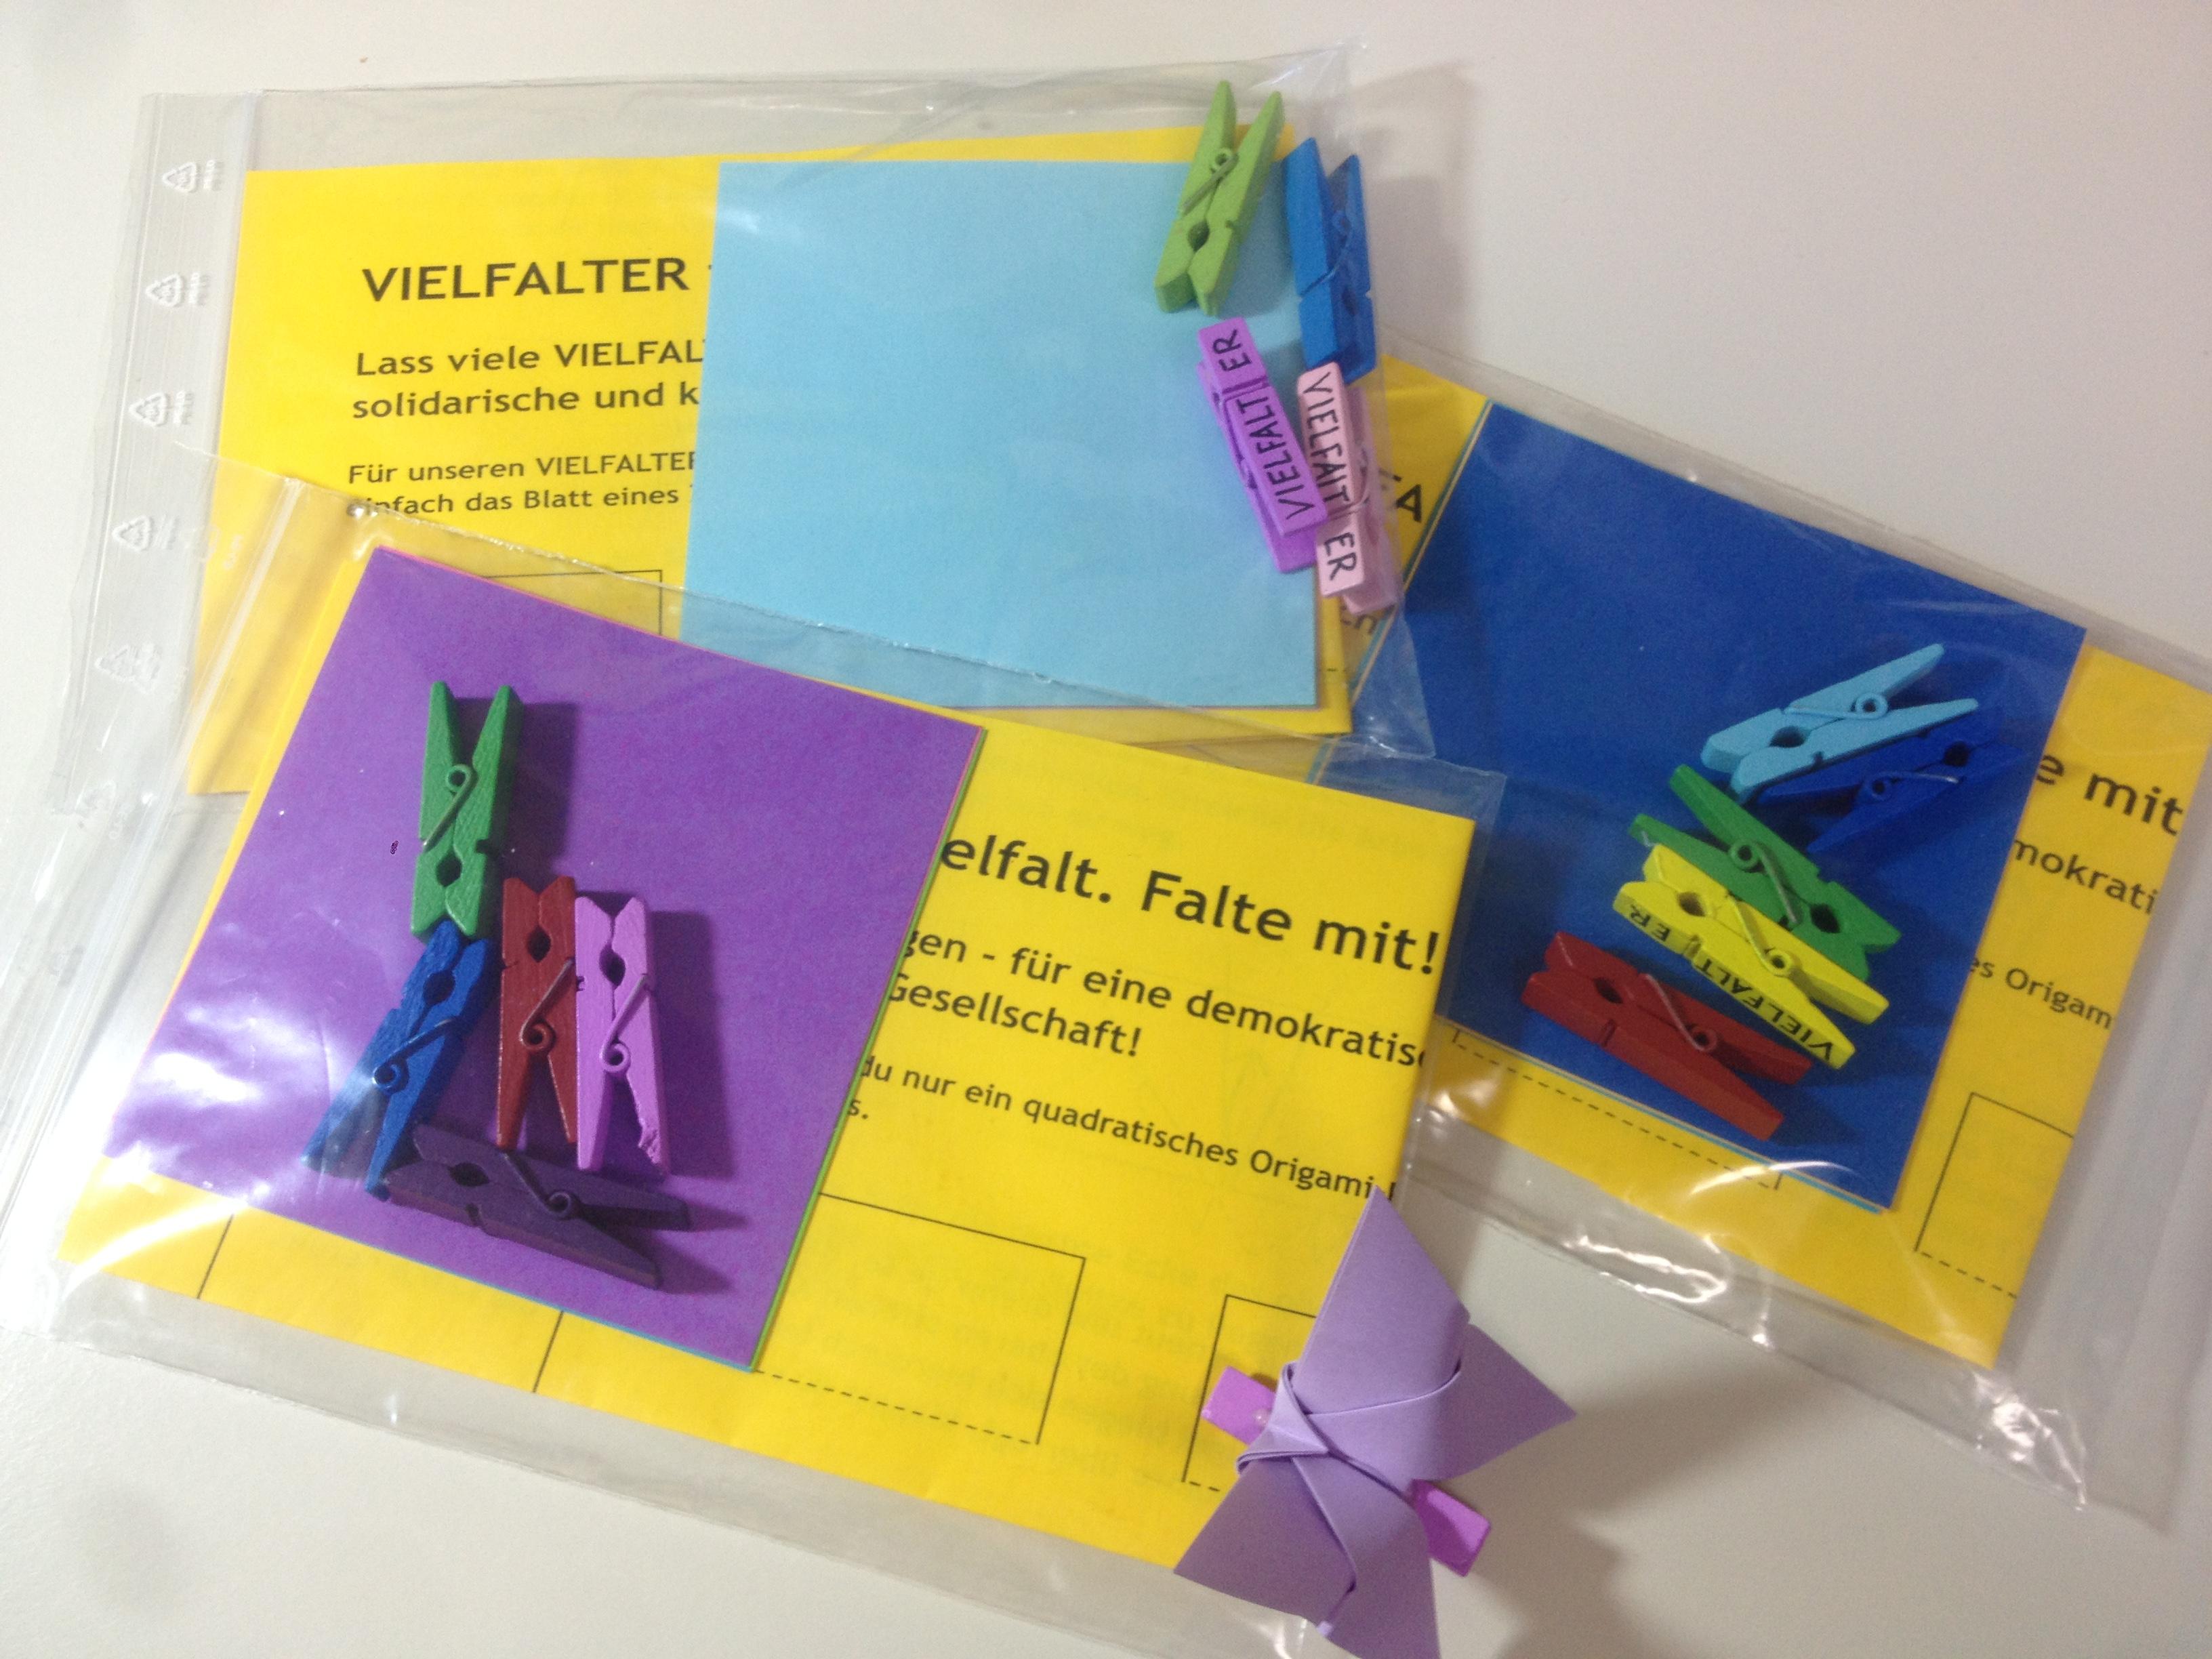 Plastiktüten mit Bastel-Sets für Papier-Vielfalter